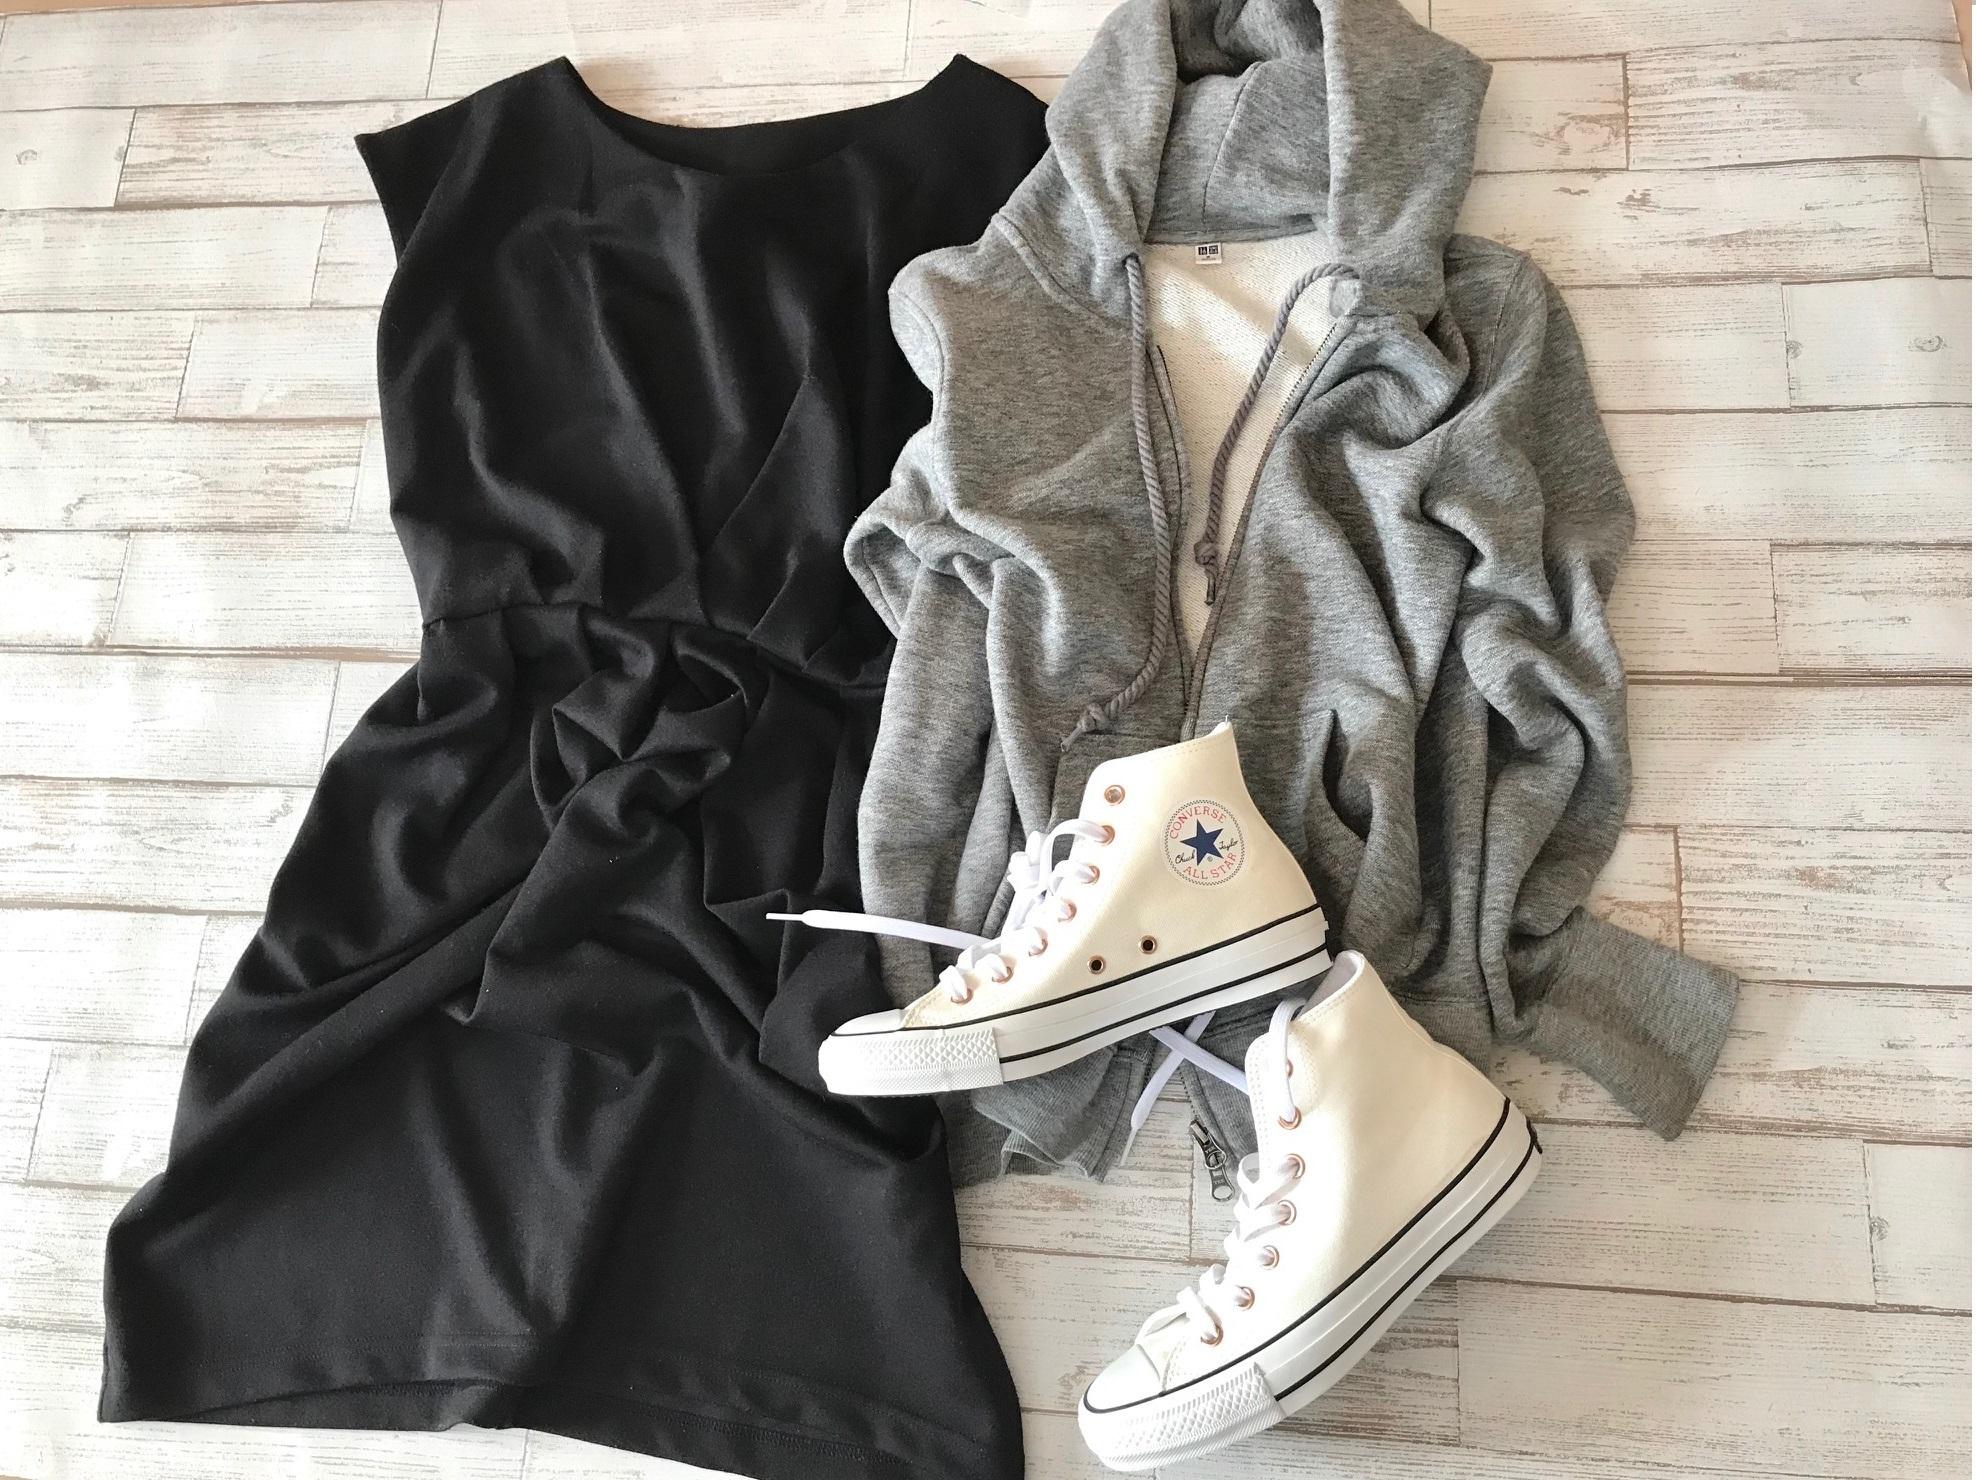 白コンバースのハイカットスニーカー×黒ワンピースのファッションコーデ